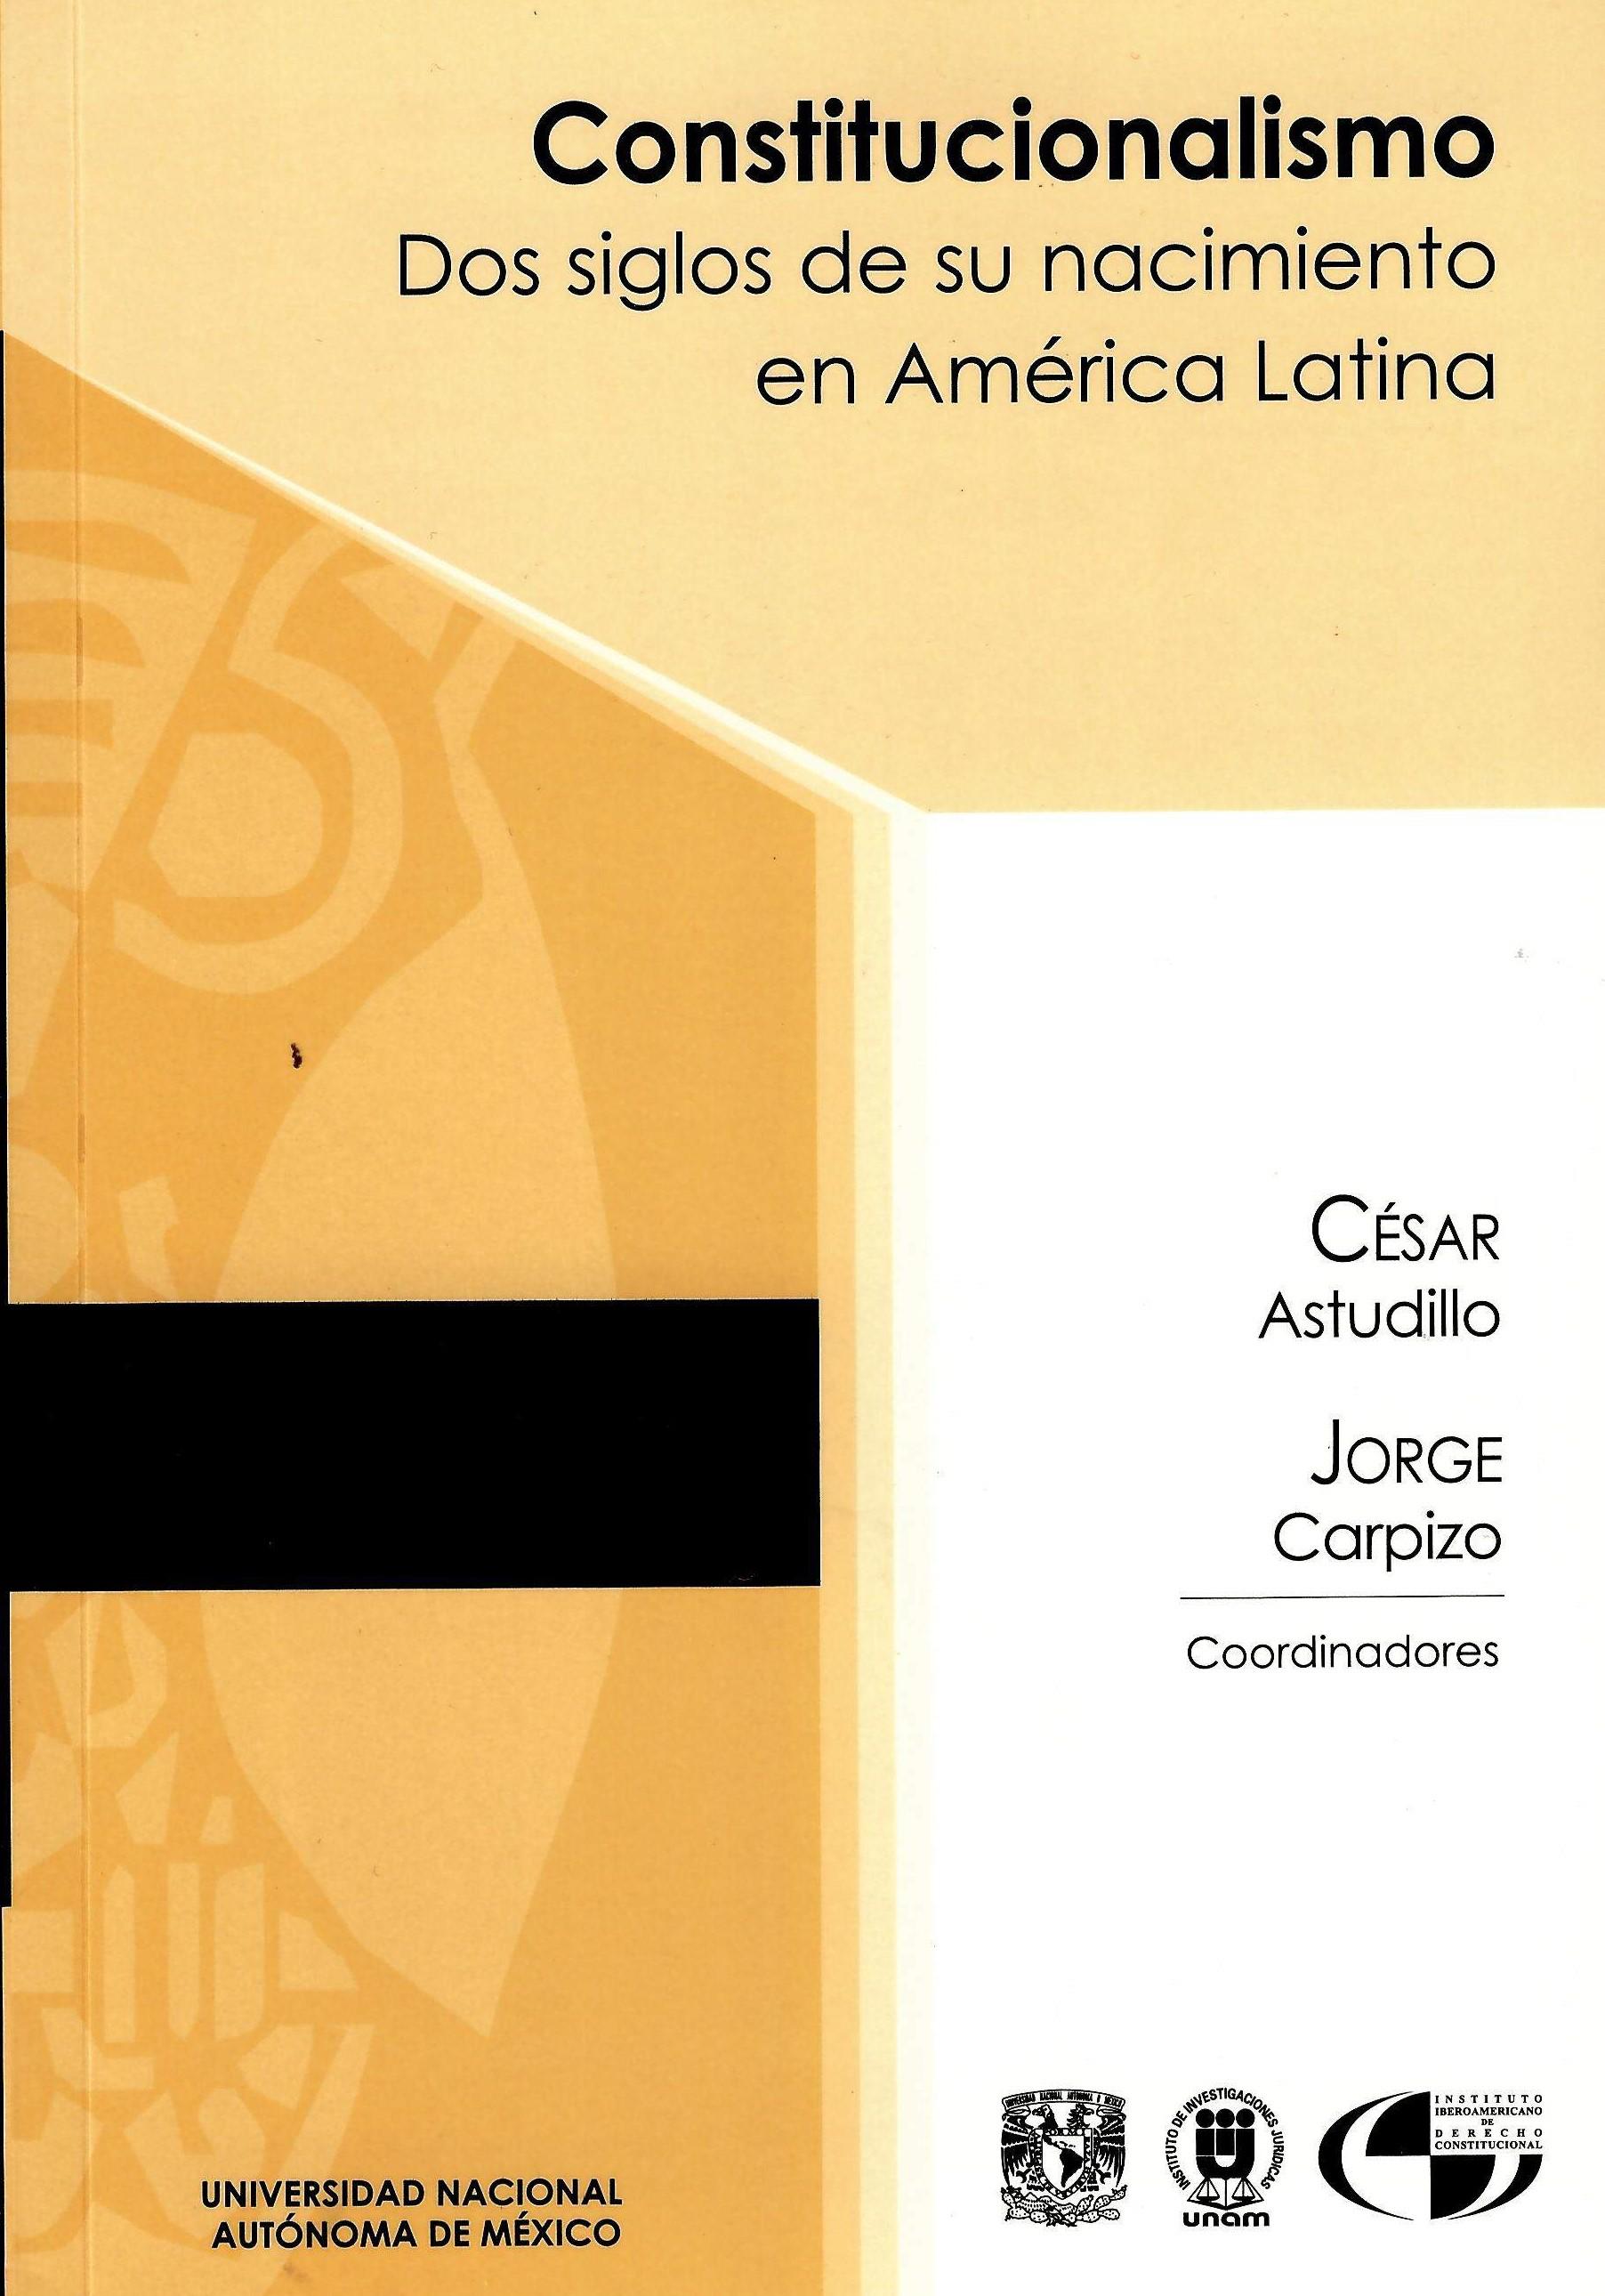 Constitucionalismo. Dos siglos de su nacimiento en América Latina